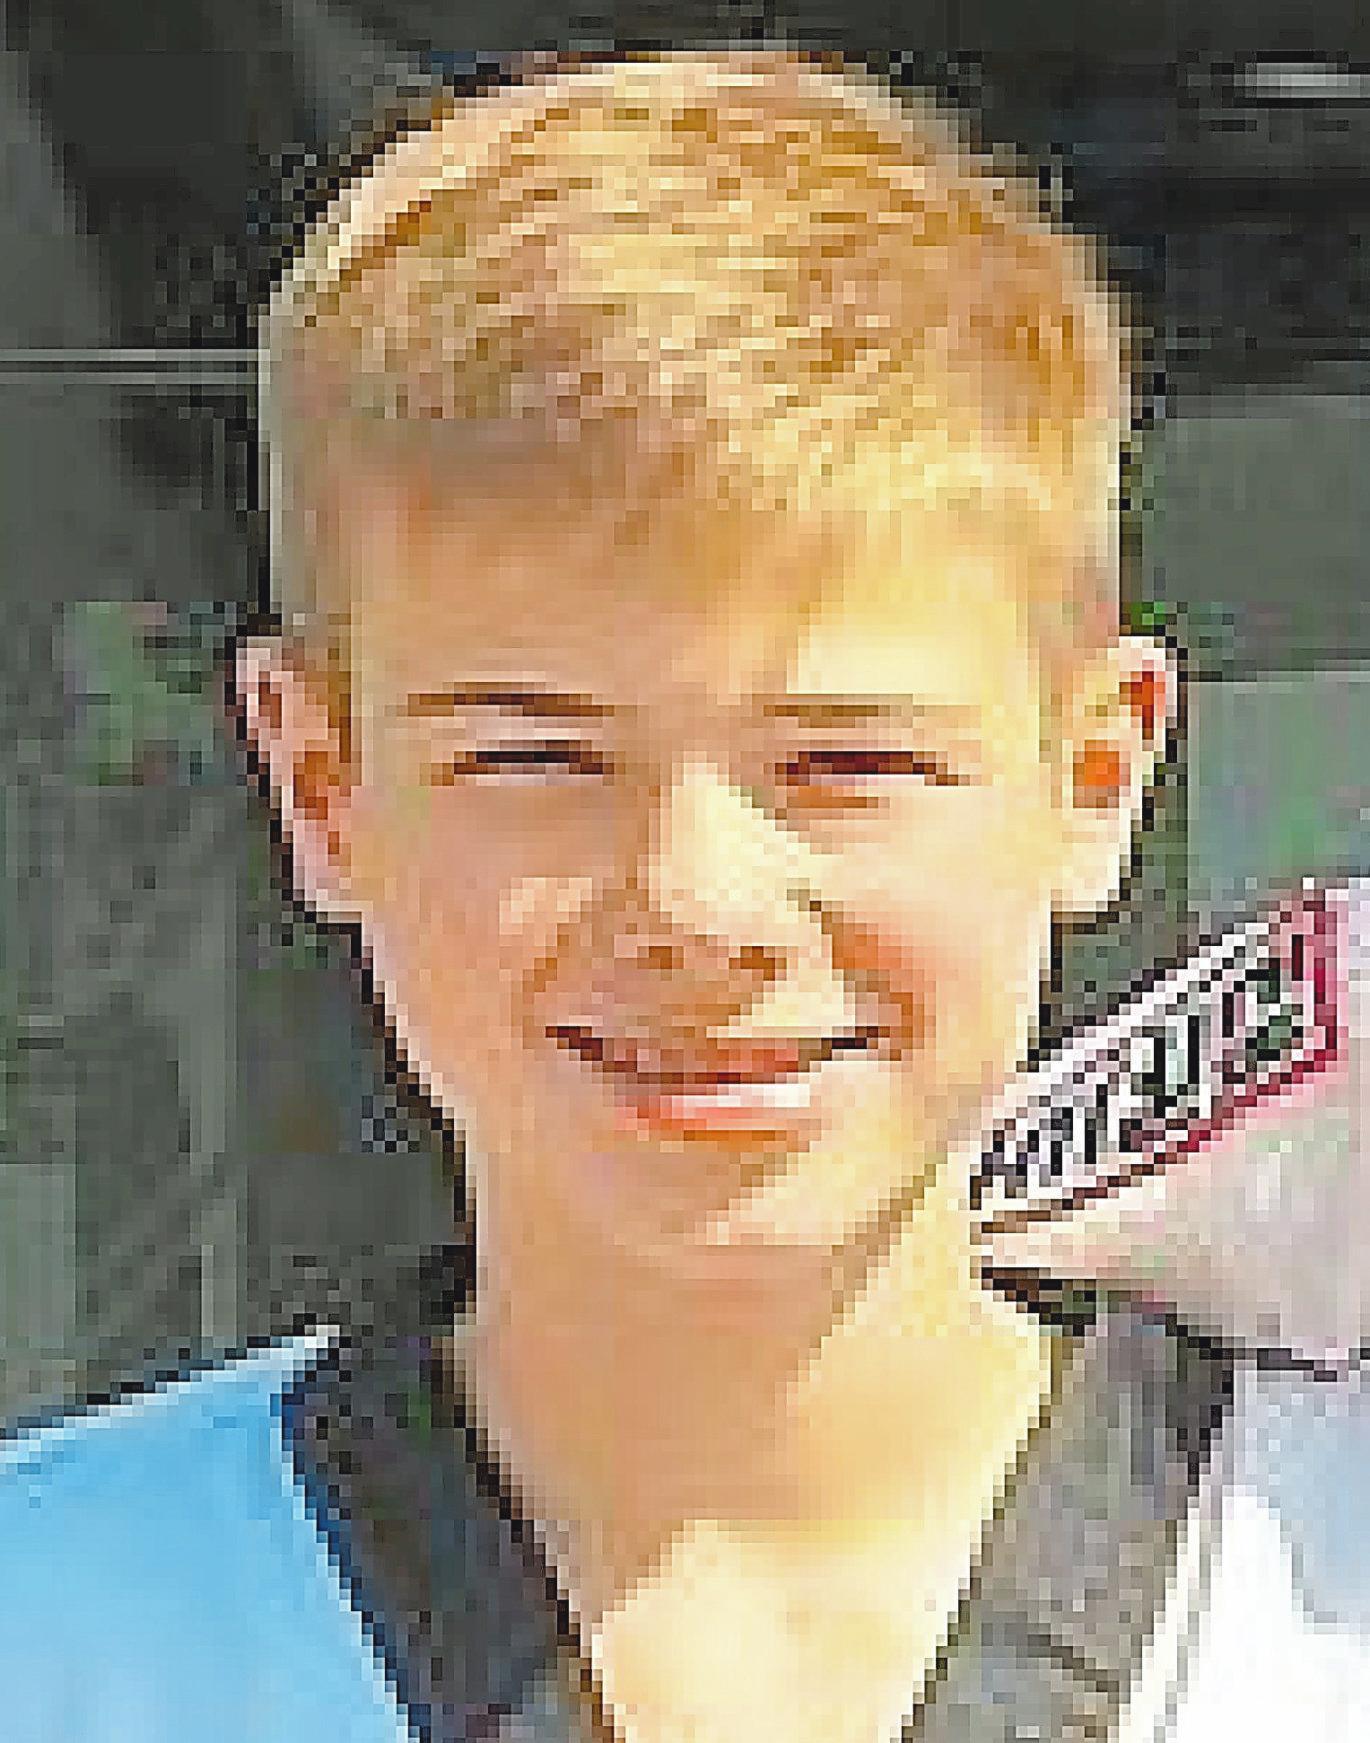 Roman Rotgang, Taekwondo: 3. Platz Deutsche Meisterschaft, 1. Platz Landesmeisterschaften, 2. Platz Internationale Masters, Mitglied im Landeskader